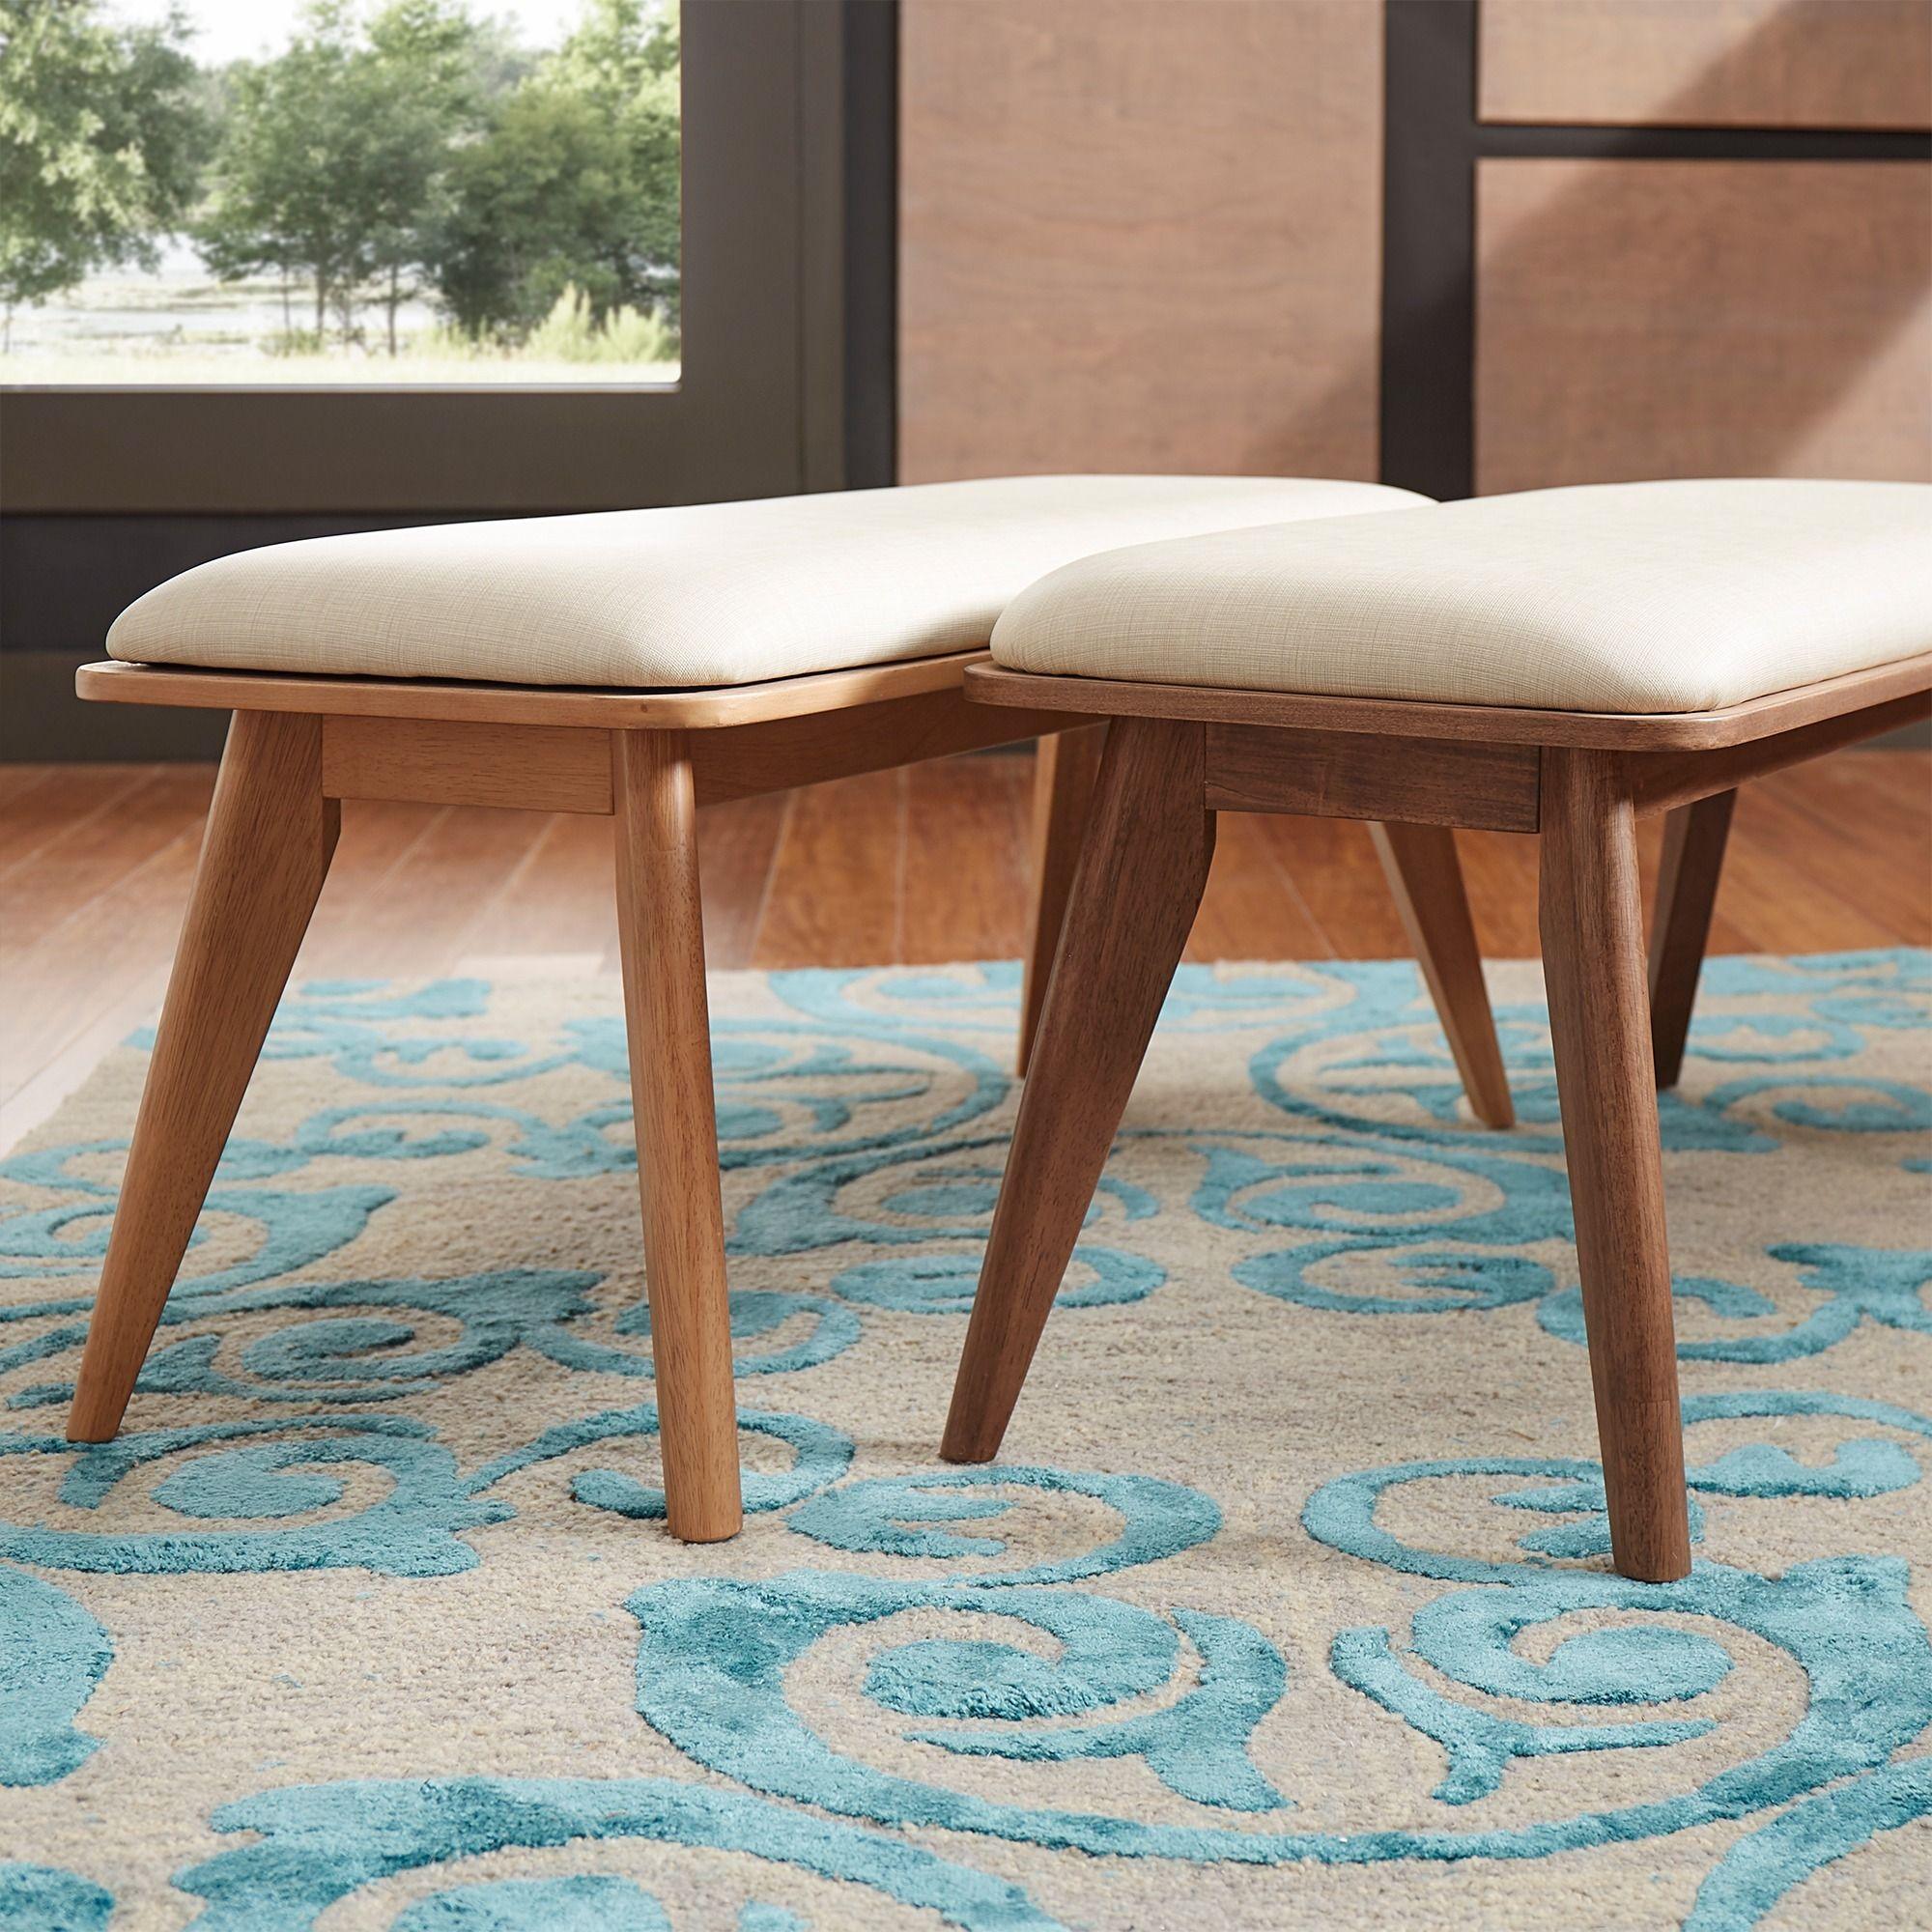 Penelope Danish Modern Upholstered Dining Bench INSPIRE Q